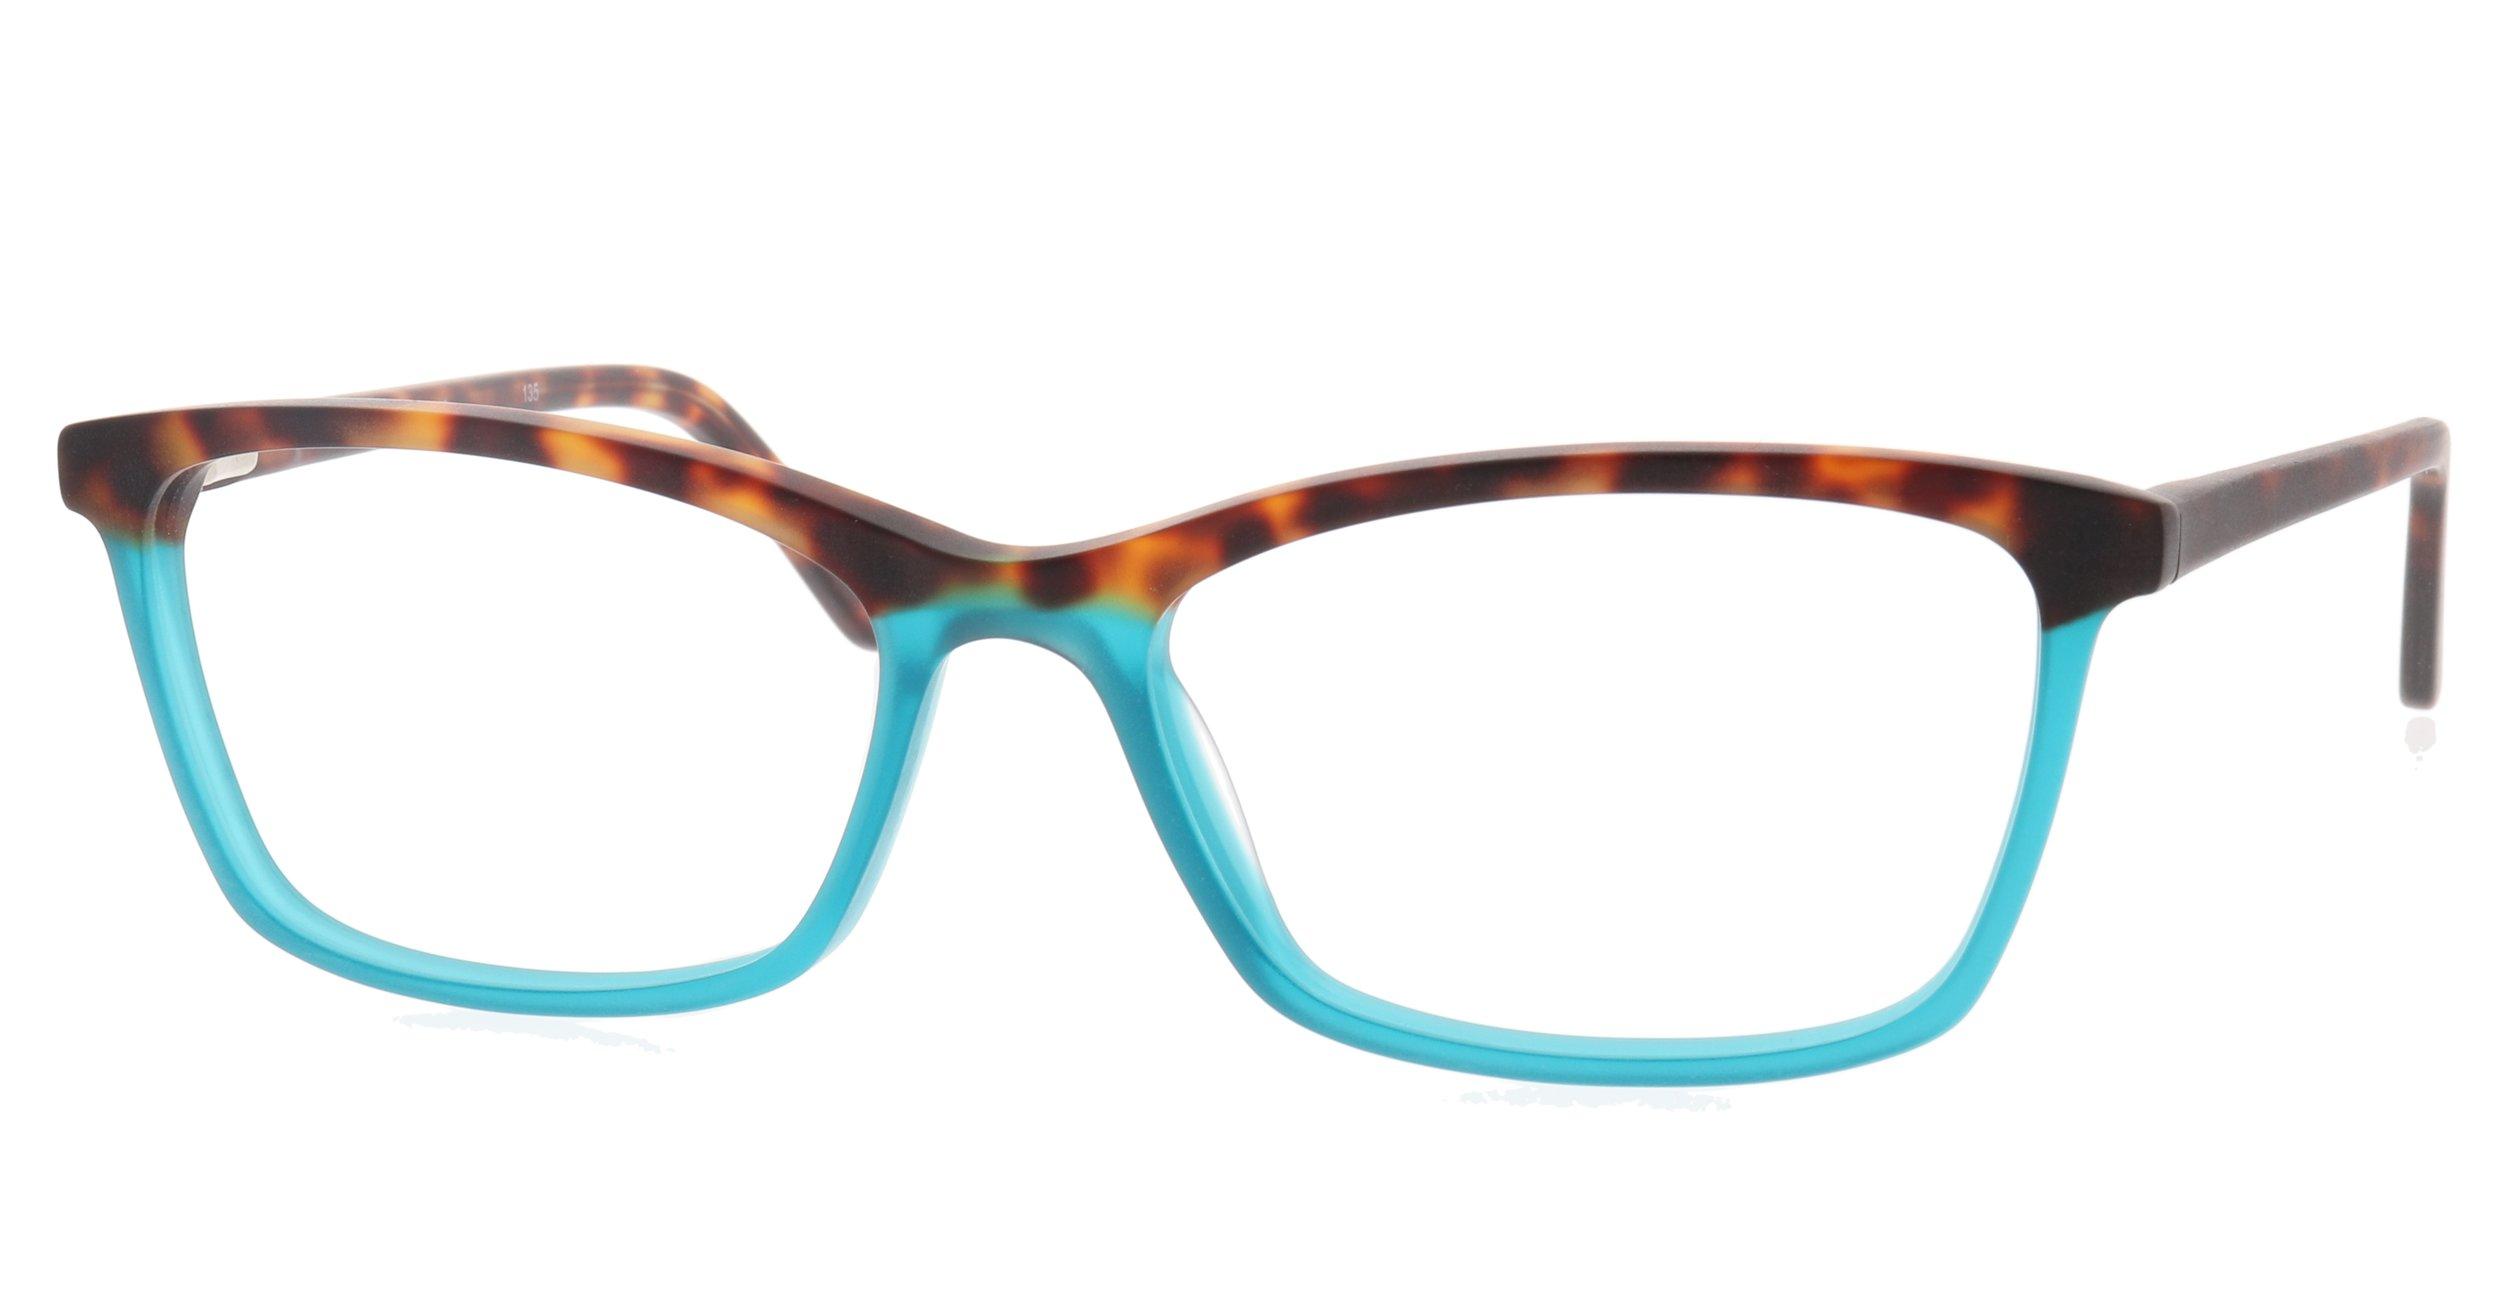 SparePair Eyewear 005.jpg